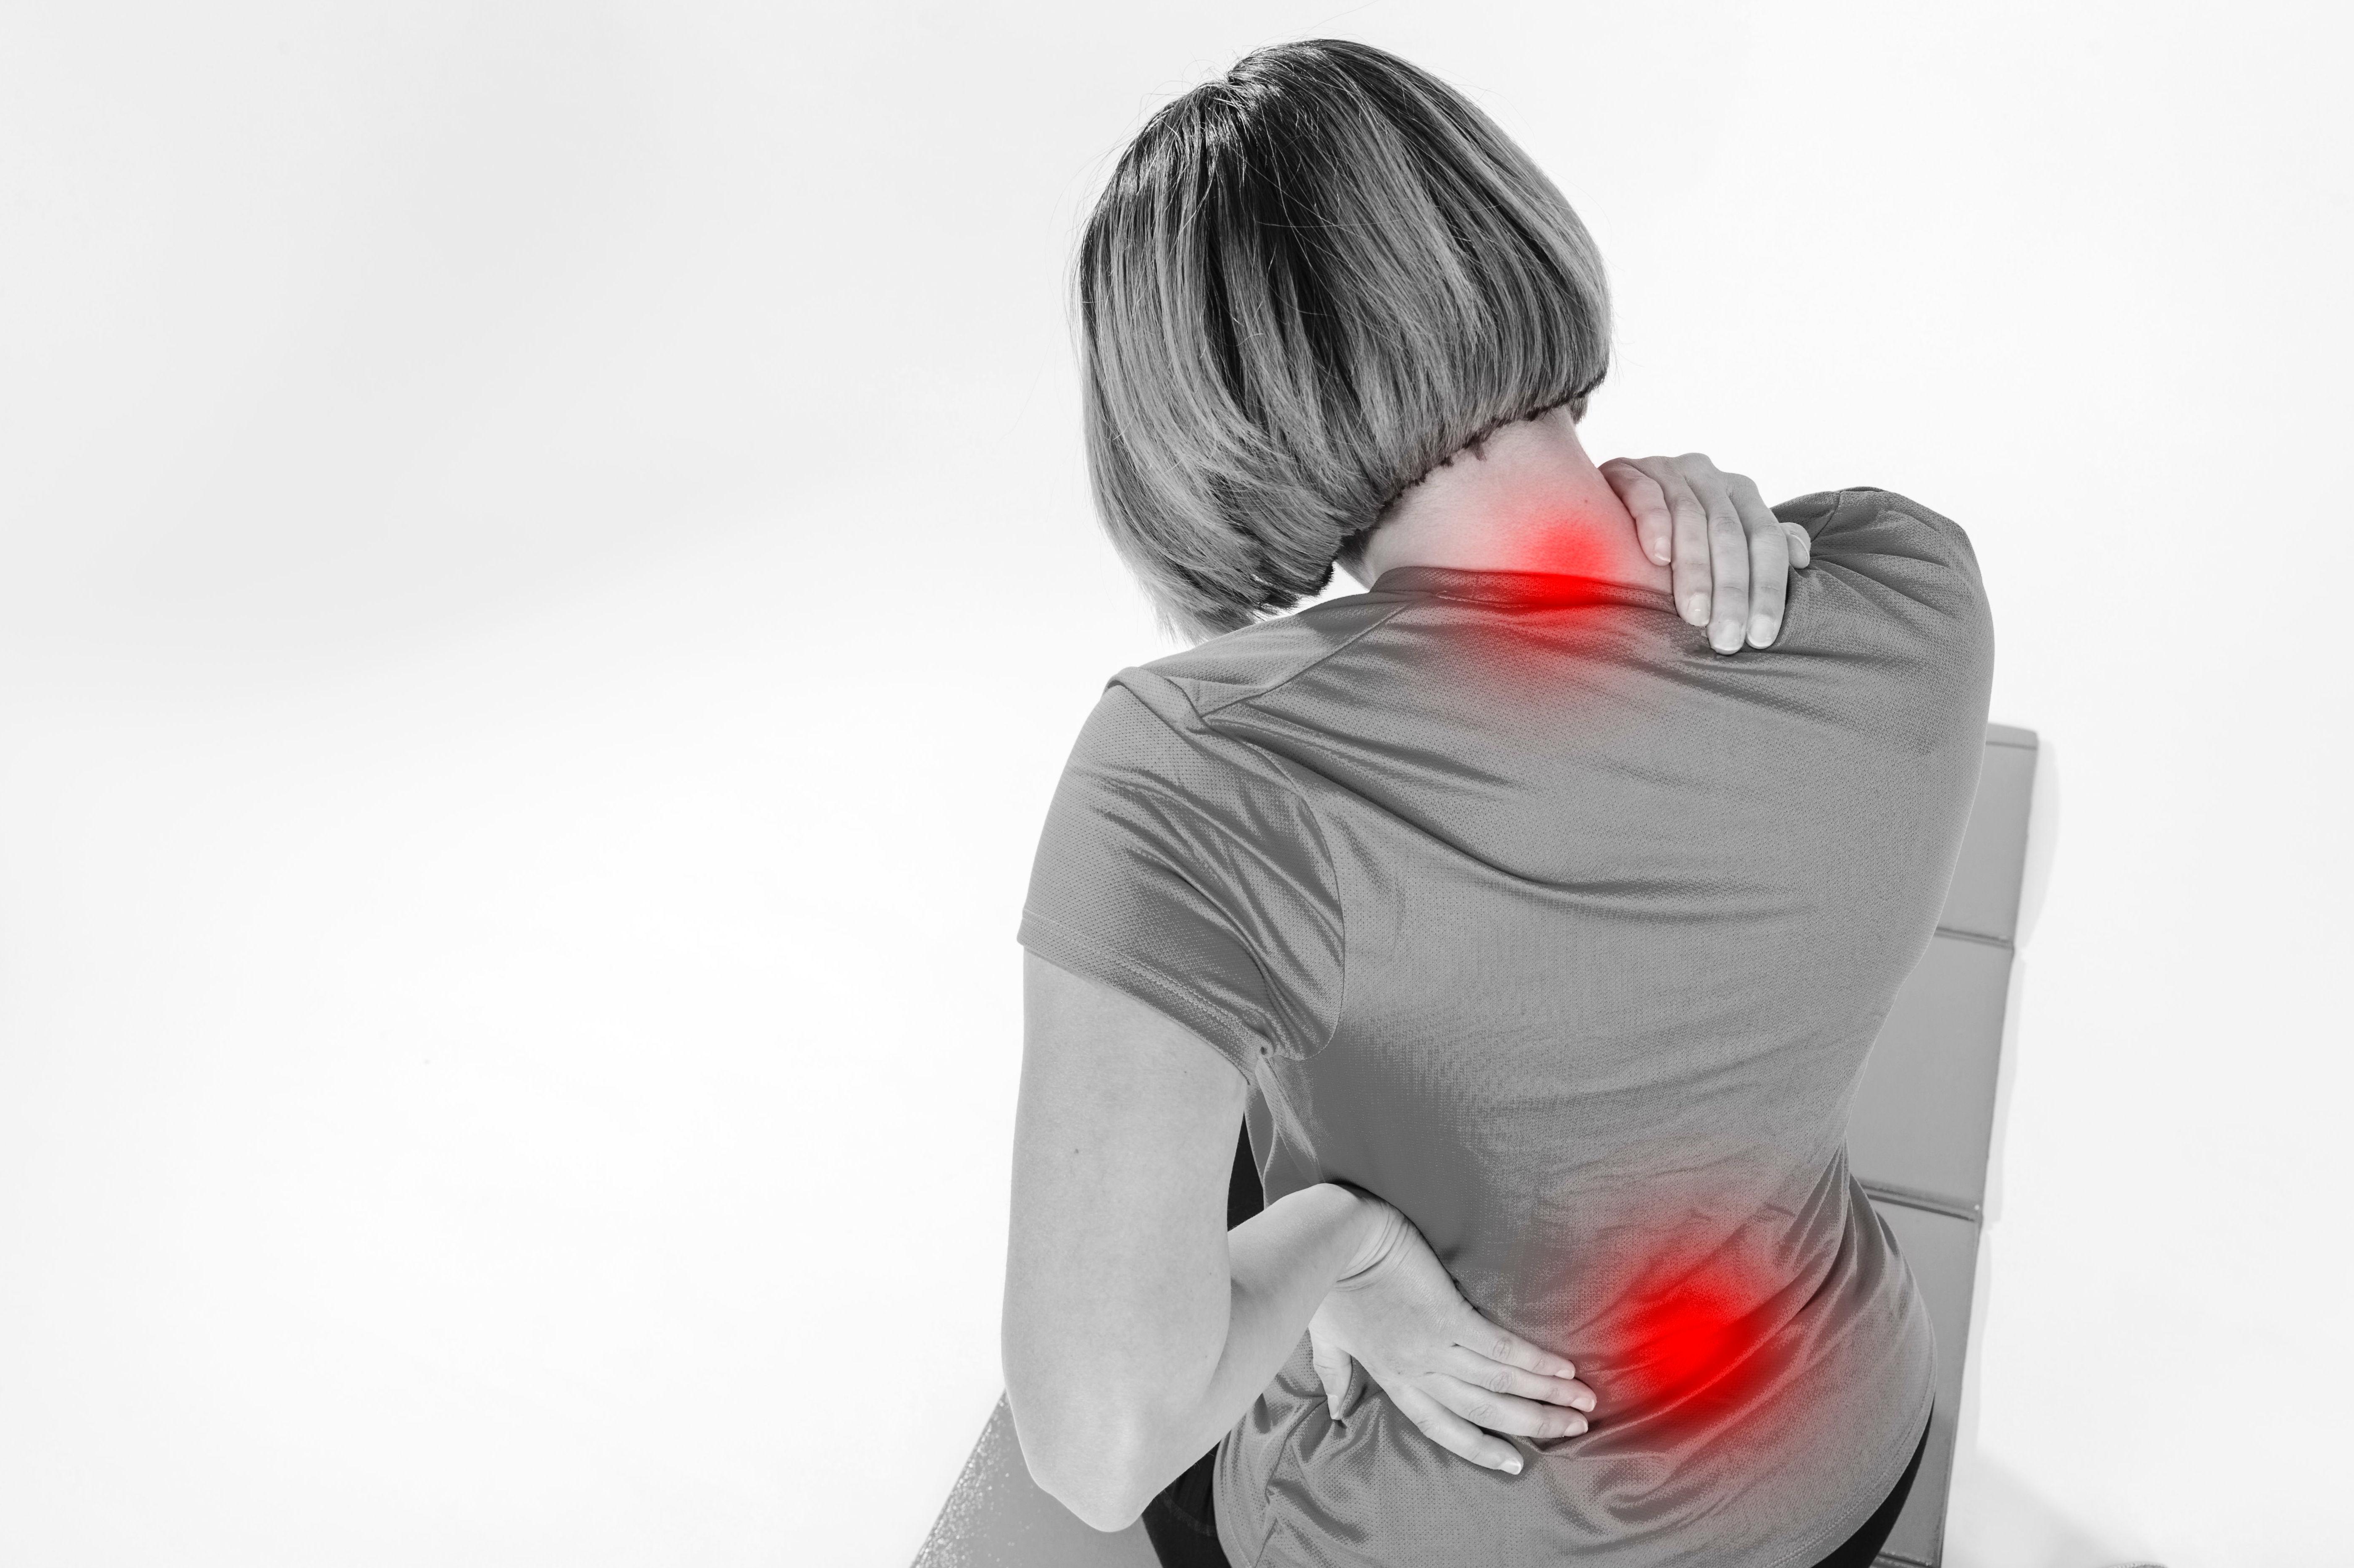 ¿Todavía te duele la espalda?